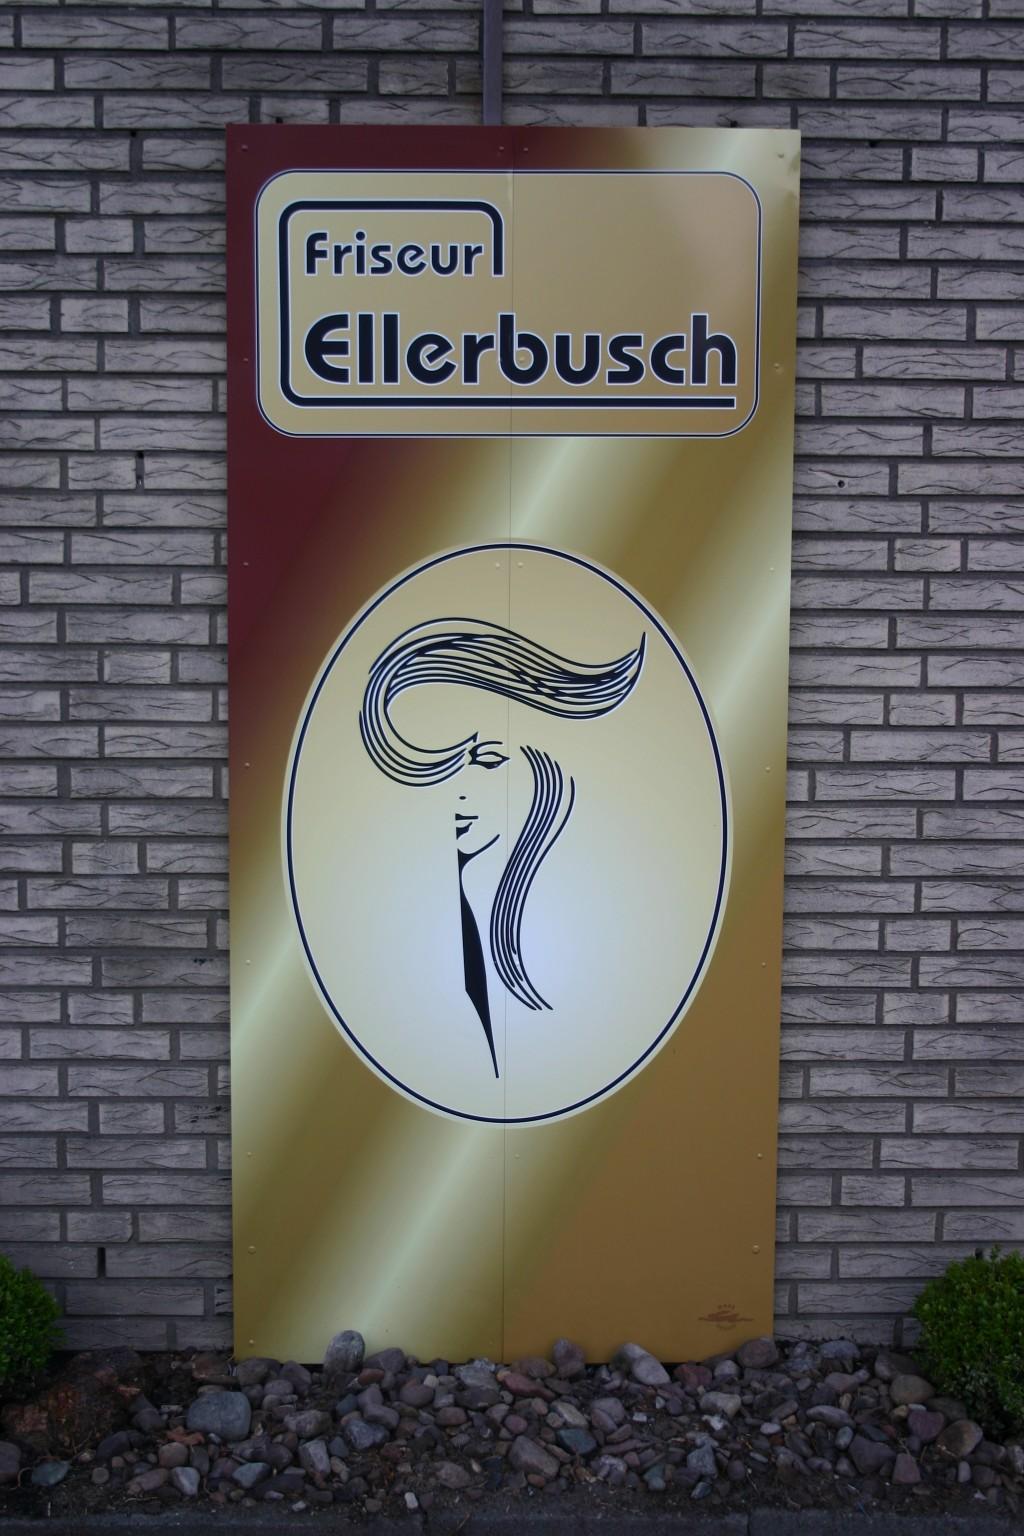 Friseur-Ellerbusch-1